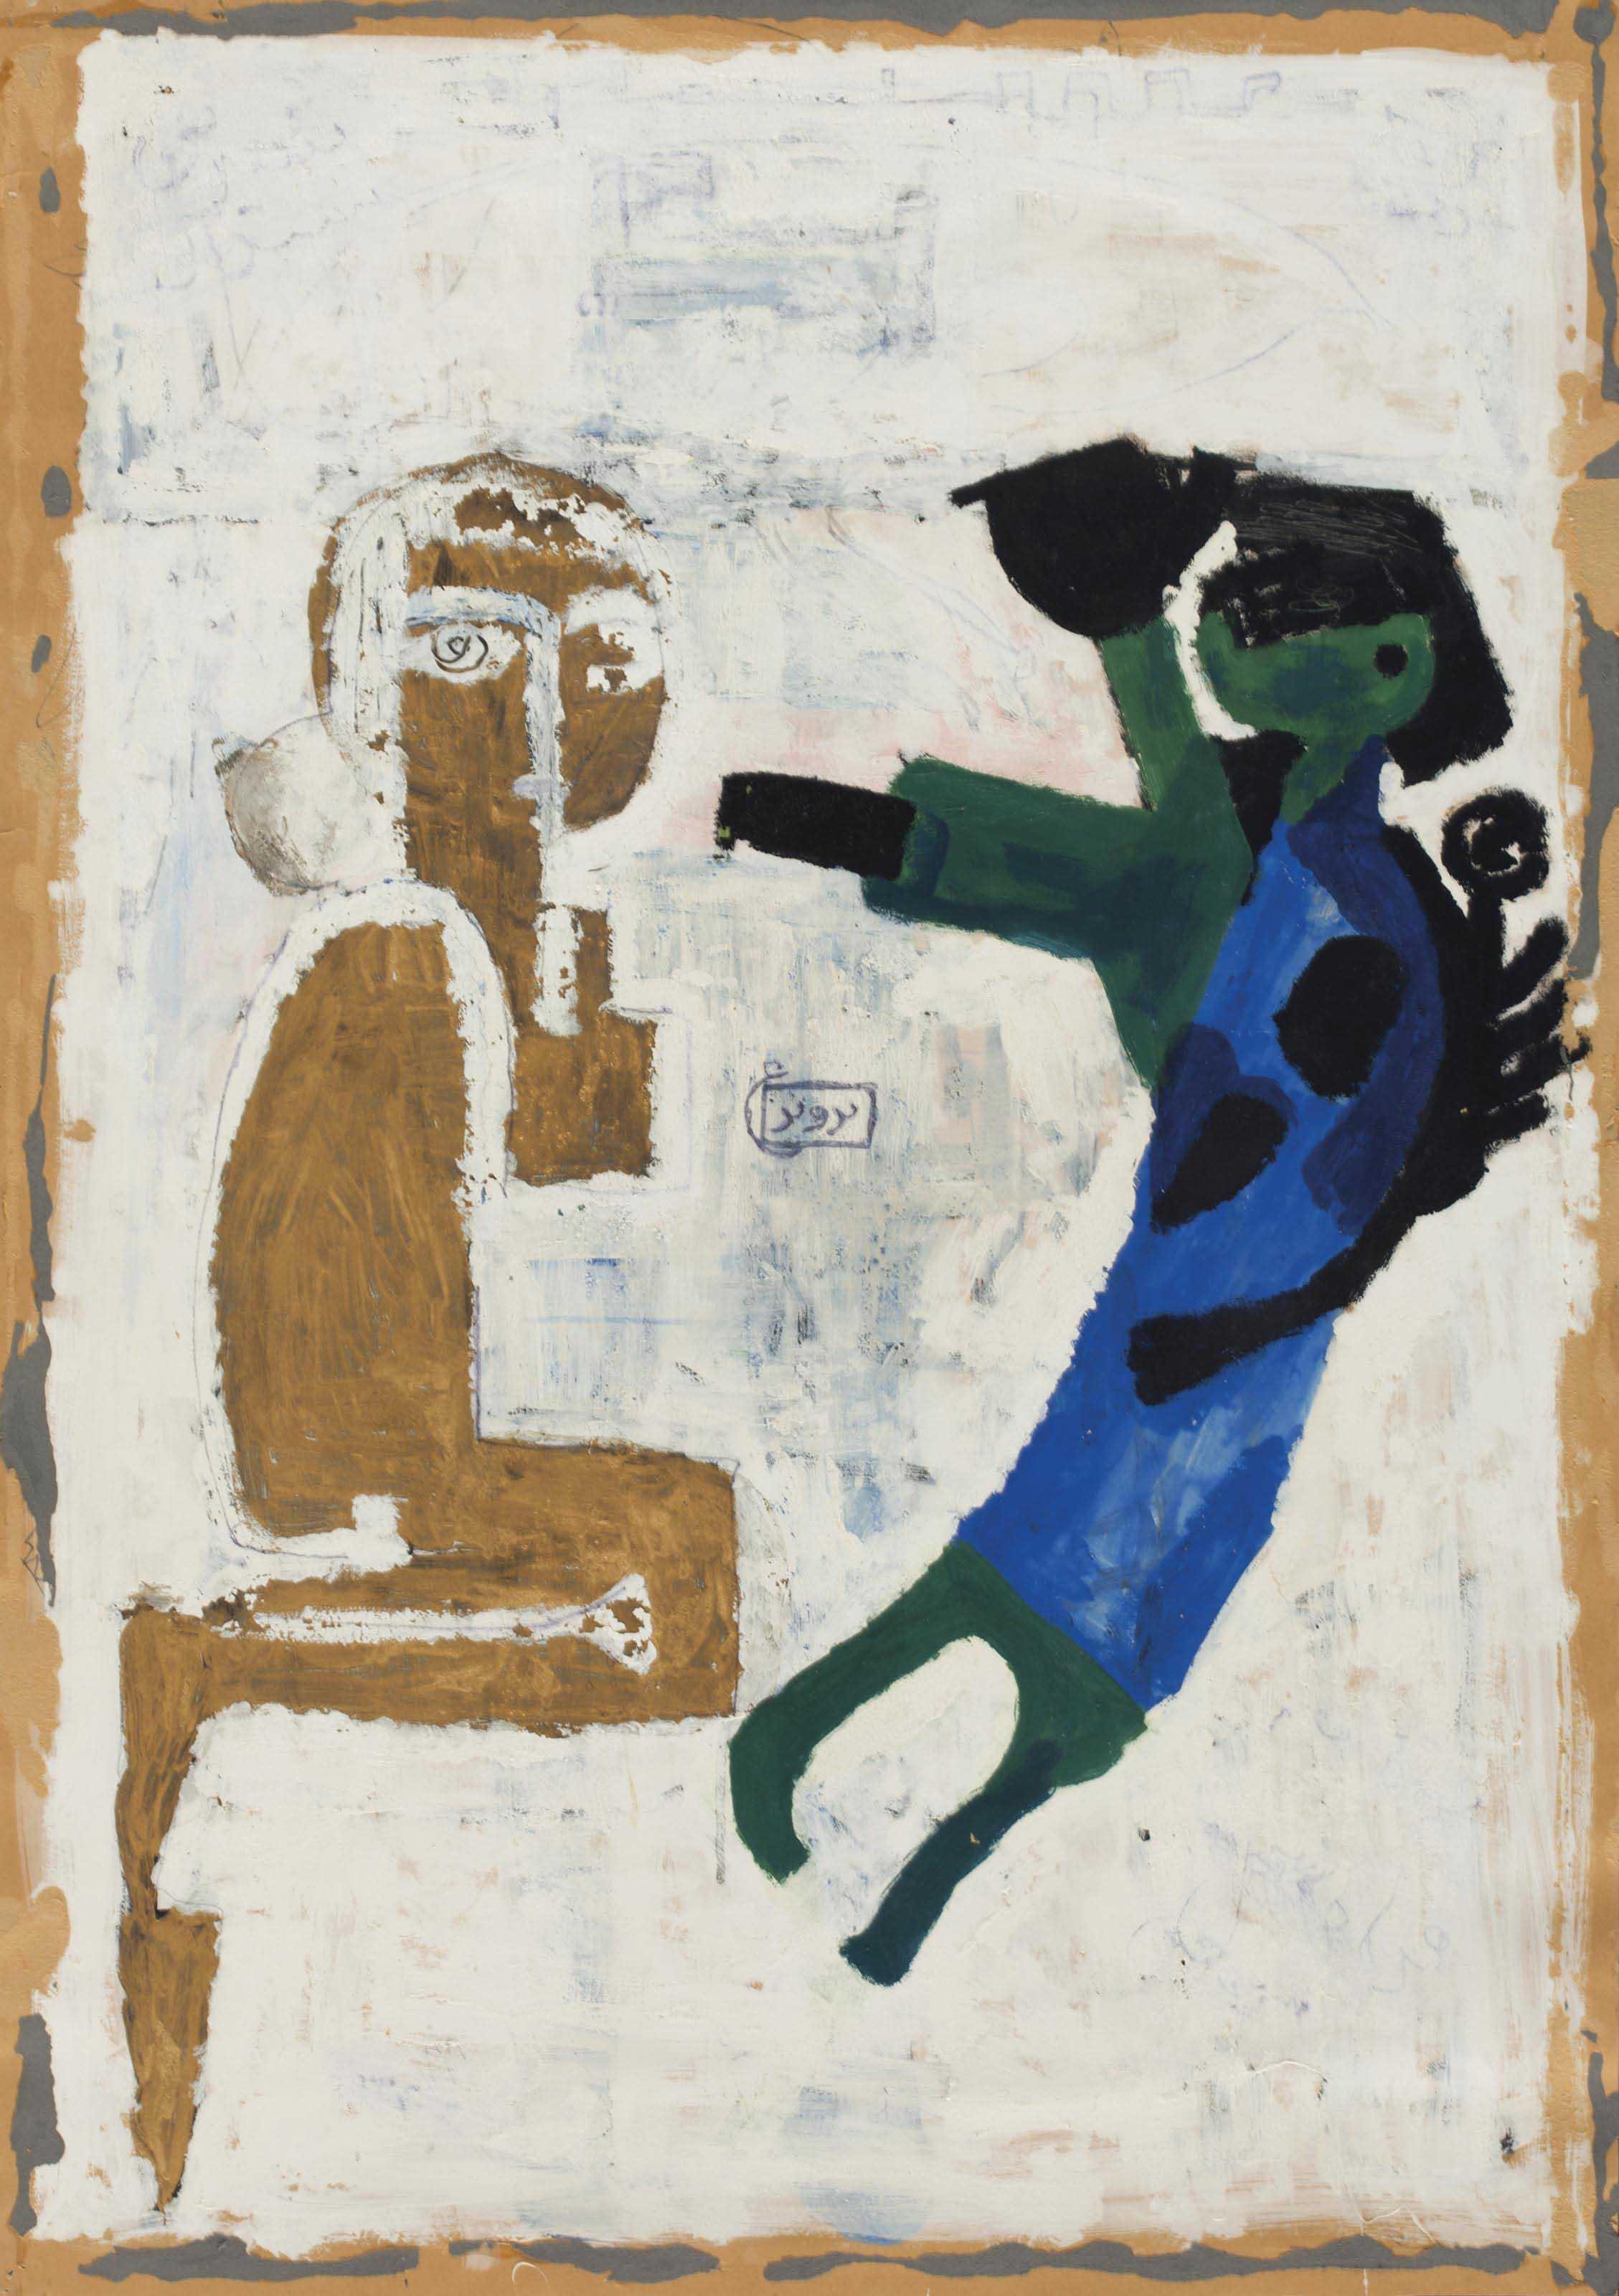 Parviz Tanavoli (Iranian, b. 1